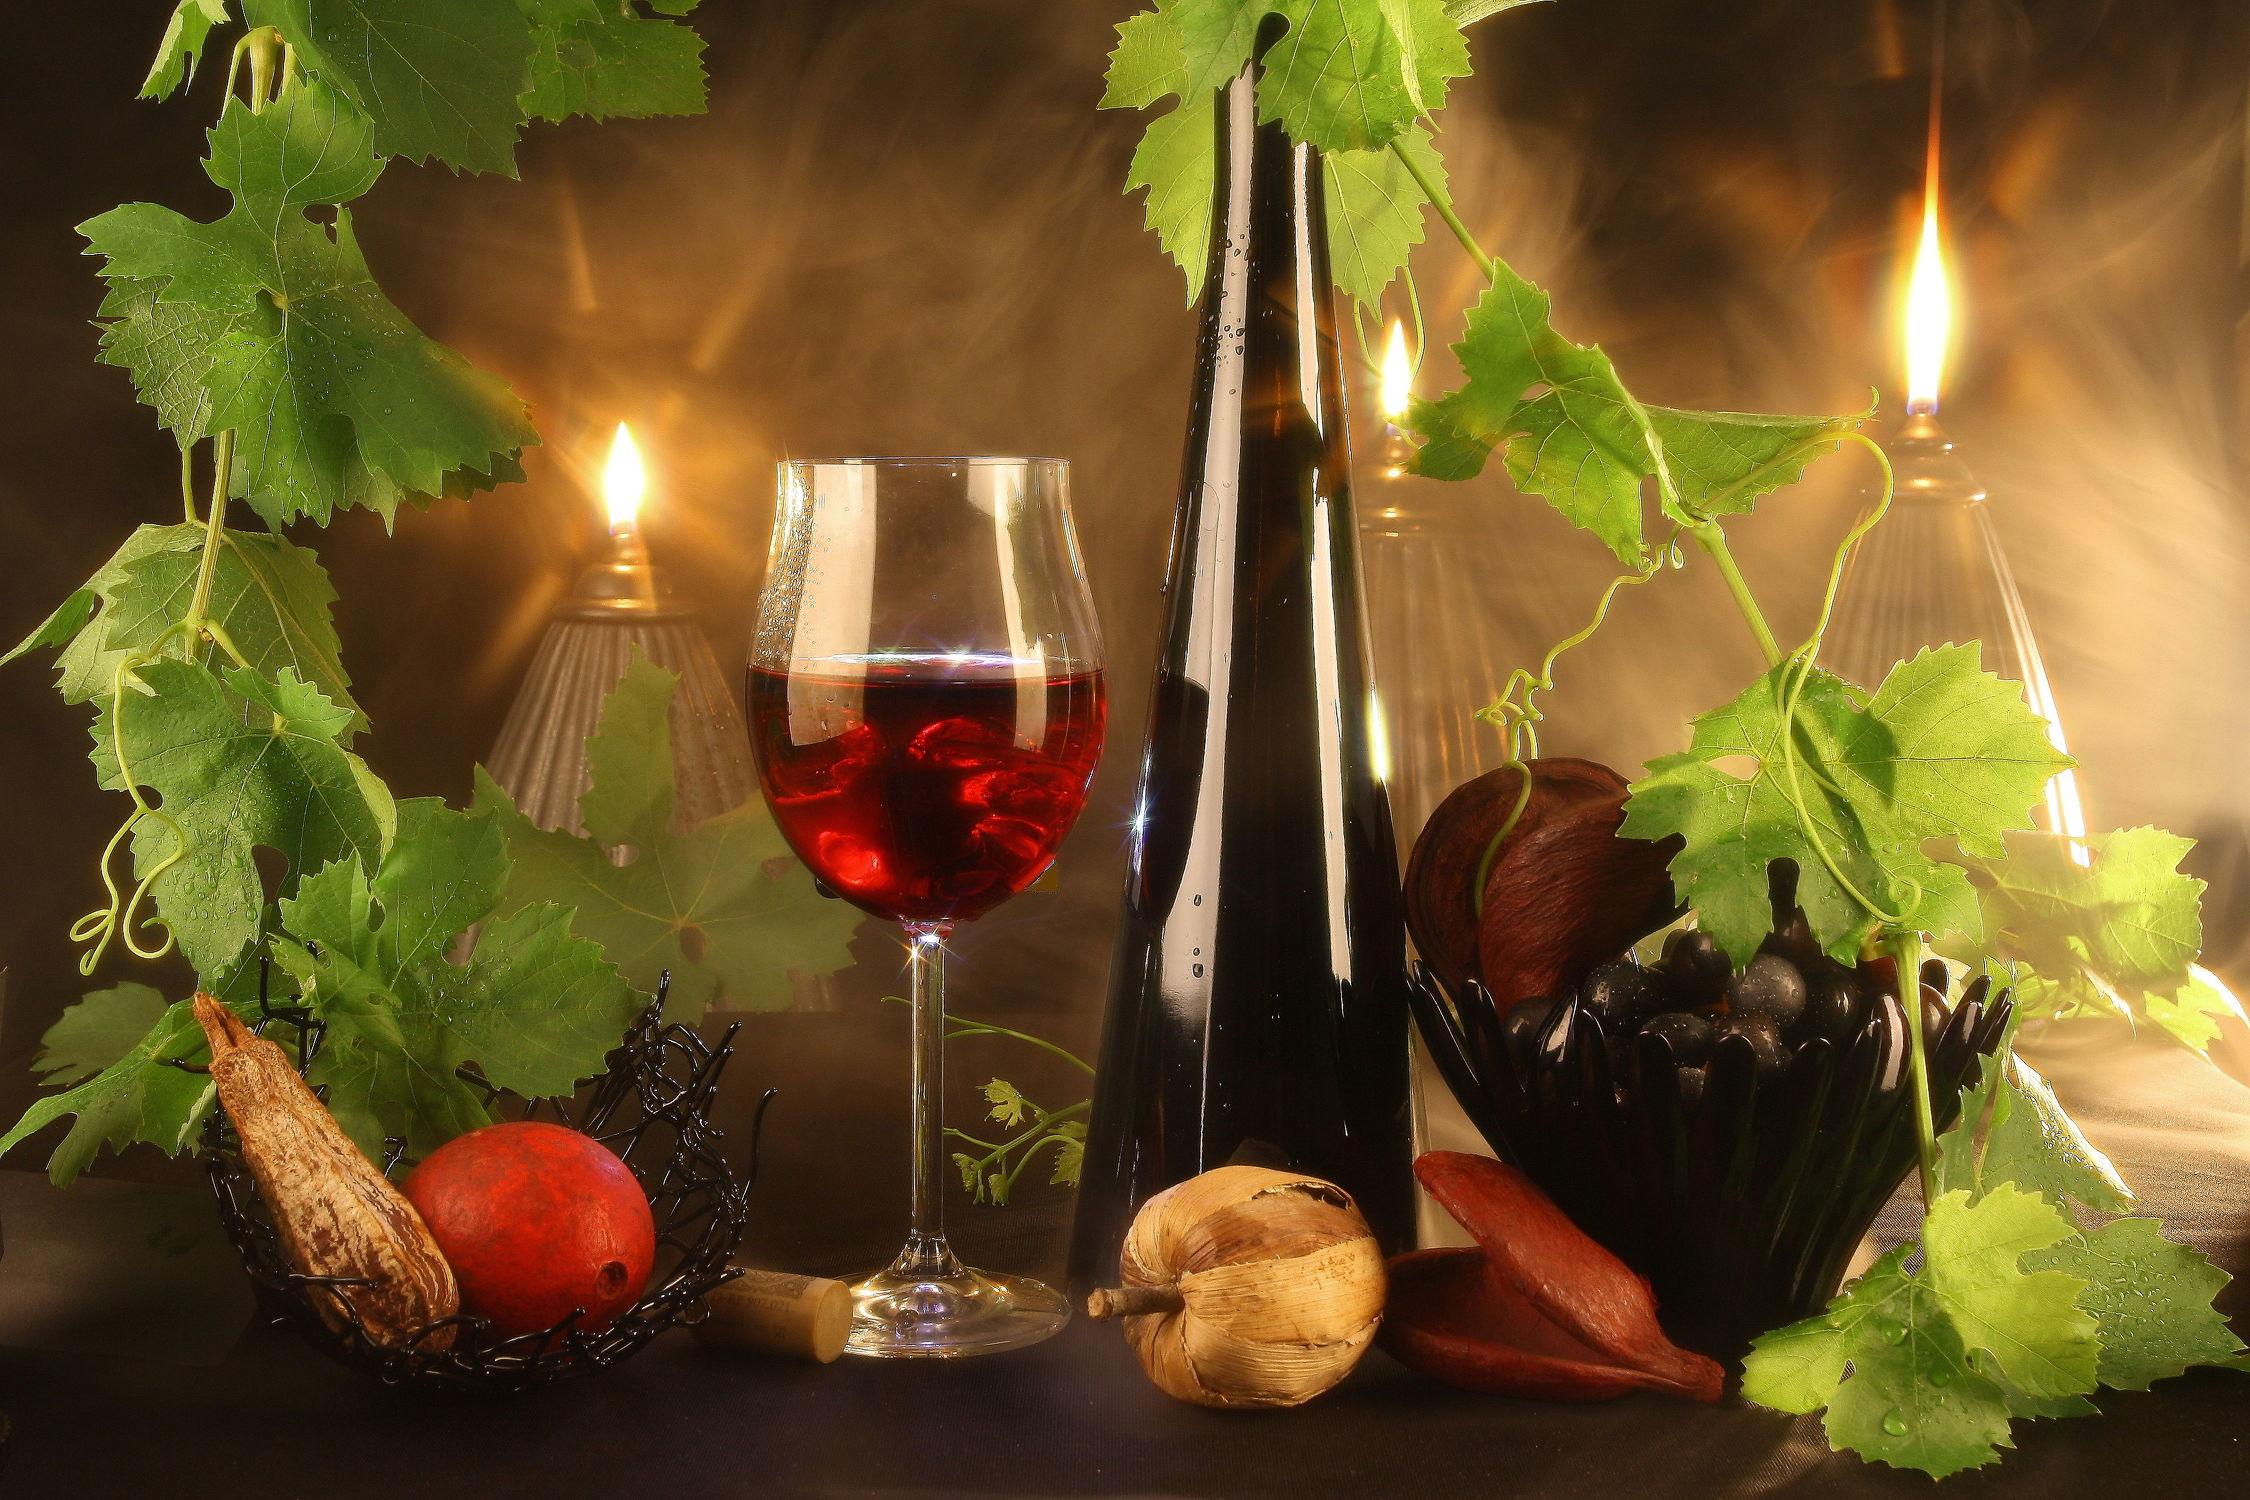 Bild mit Essen, Trinken, Trinken, Küchenbild, Kerzenschein, Küchenbilder, Abend, Wein, Getränk, Küche, rotwein, rotweinglas, weinglas, weinflasche, stimmungsvoll